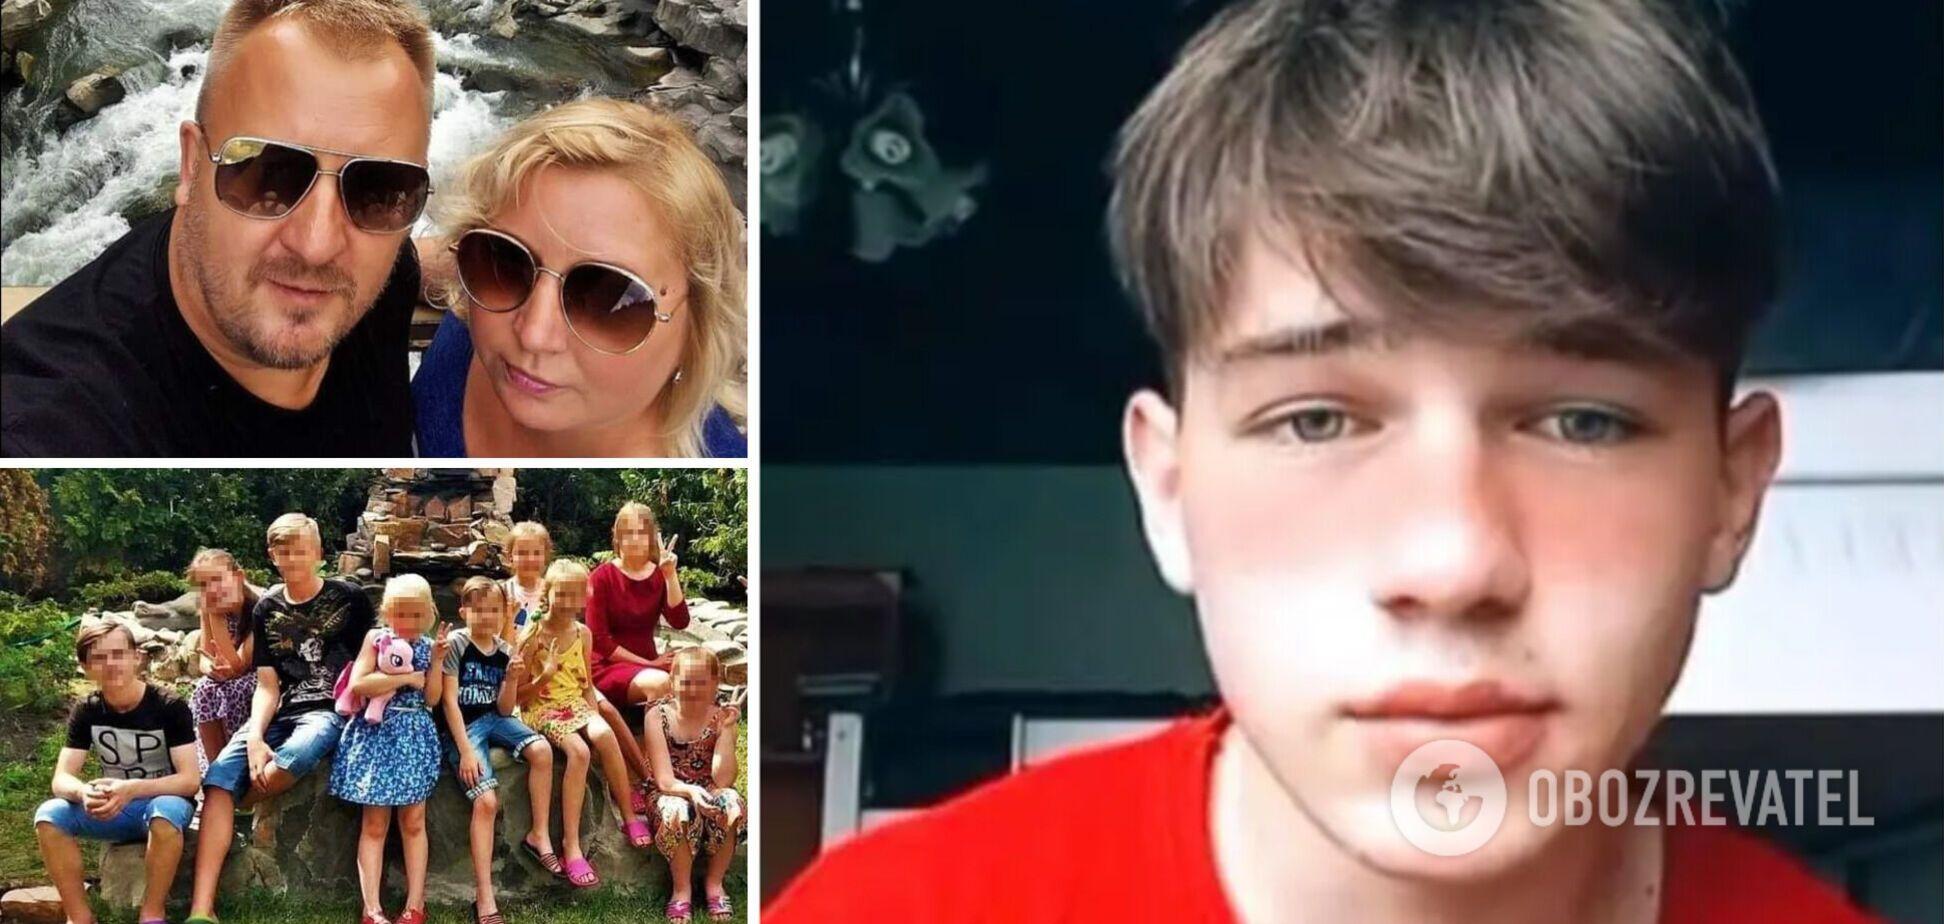 В Киеве с моста спрыгнул 15-летний Денис, потерявший родителей из-за COVID-19: парень умер спустя сутки